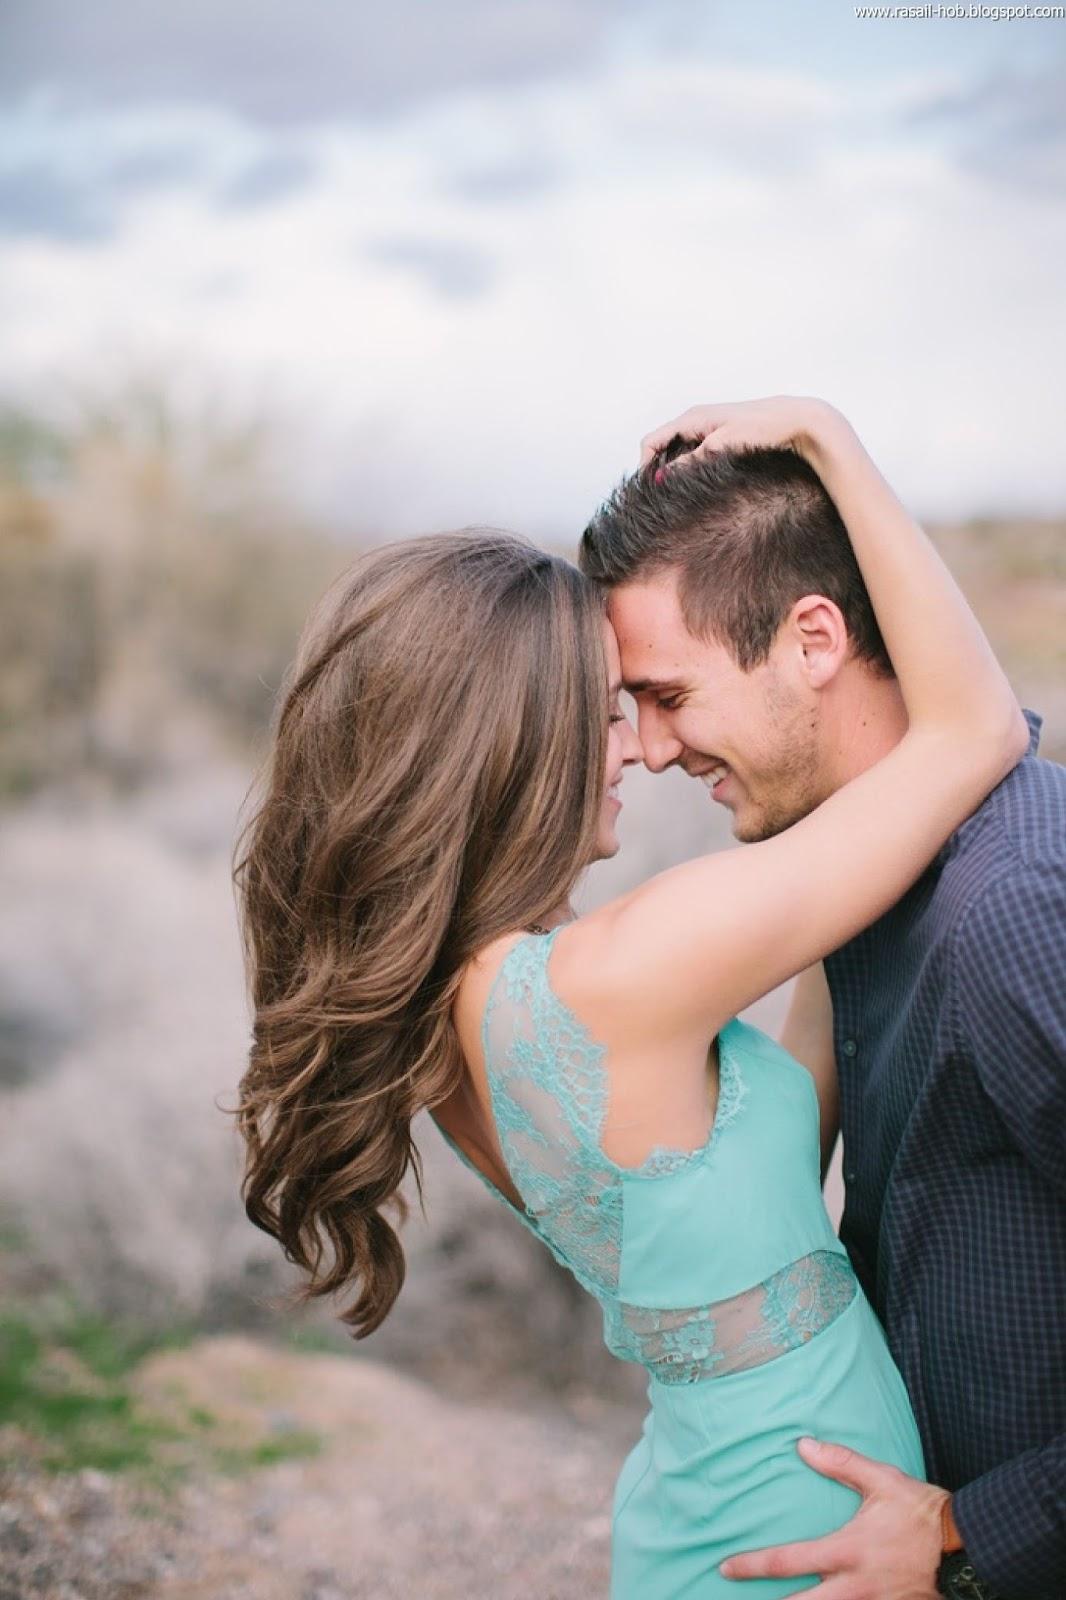 بالصور لحظات حب ساخنة , اجمل الصور الرومانسية بين المحبين 3309 10